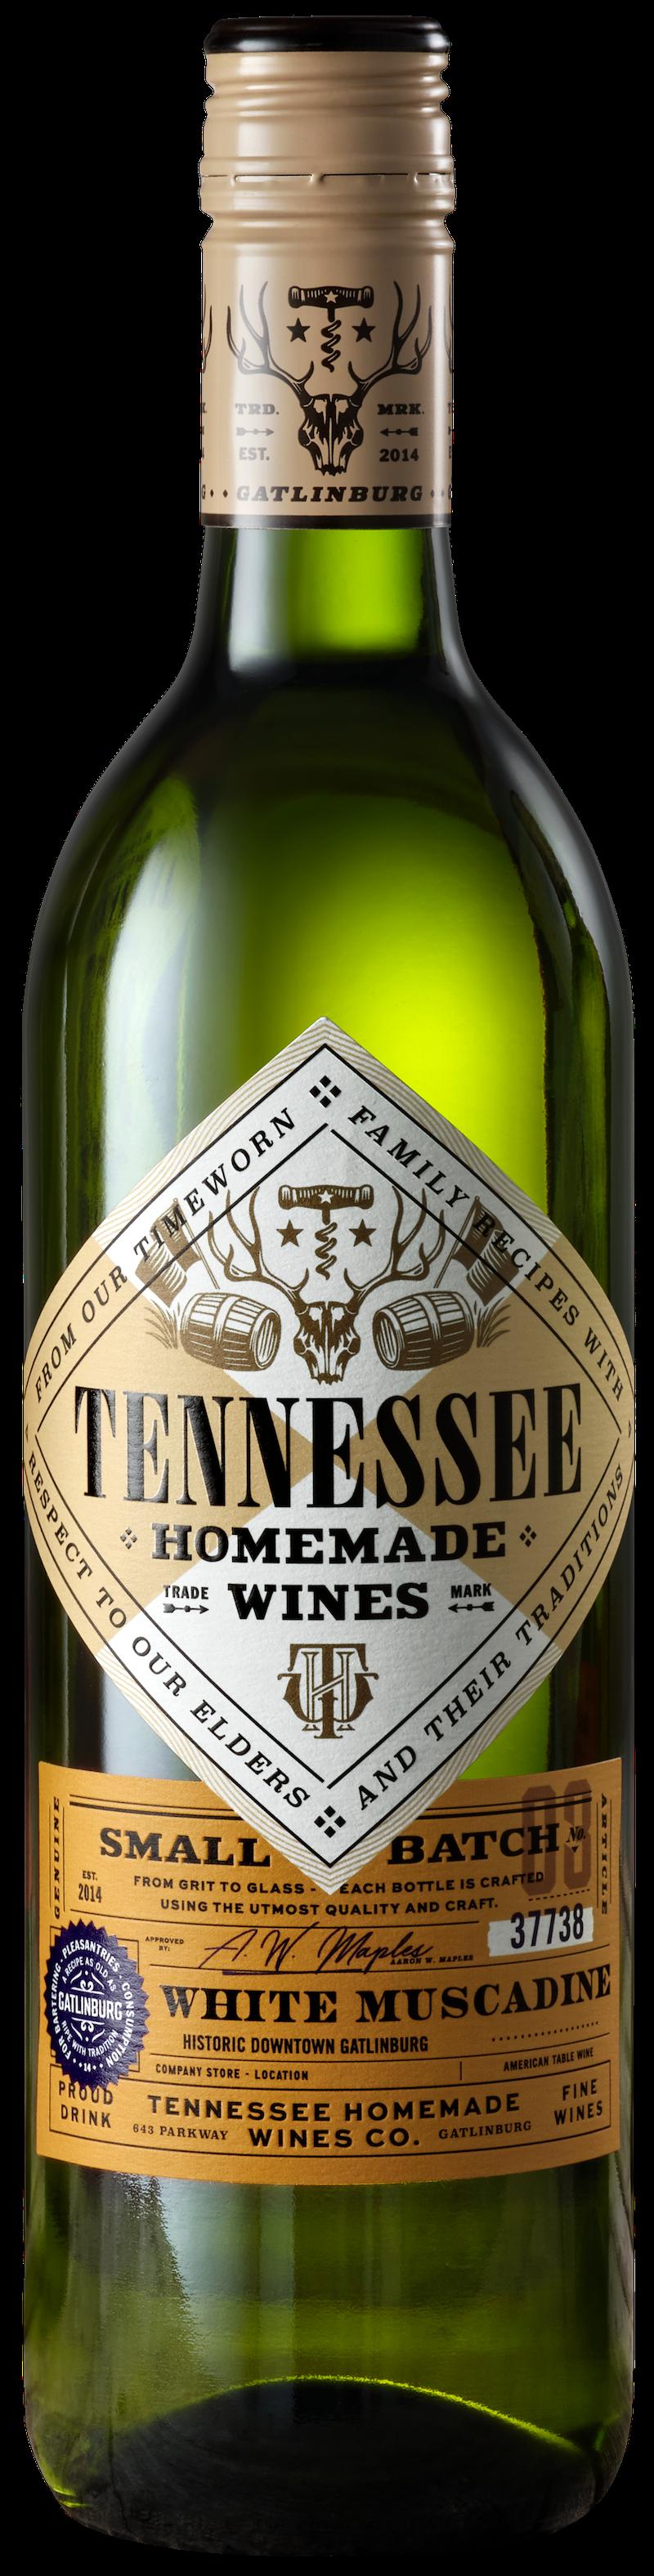 Tennessee Homemade Wines White Muscadine Wine